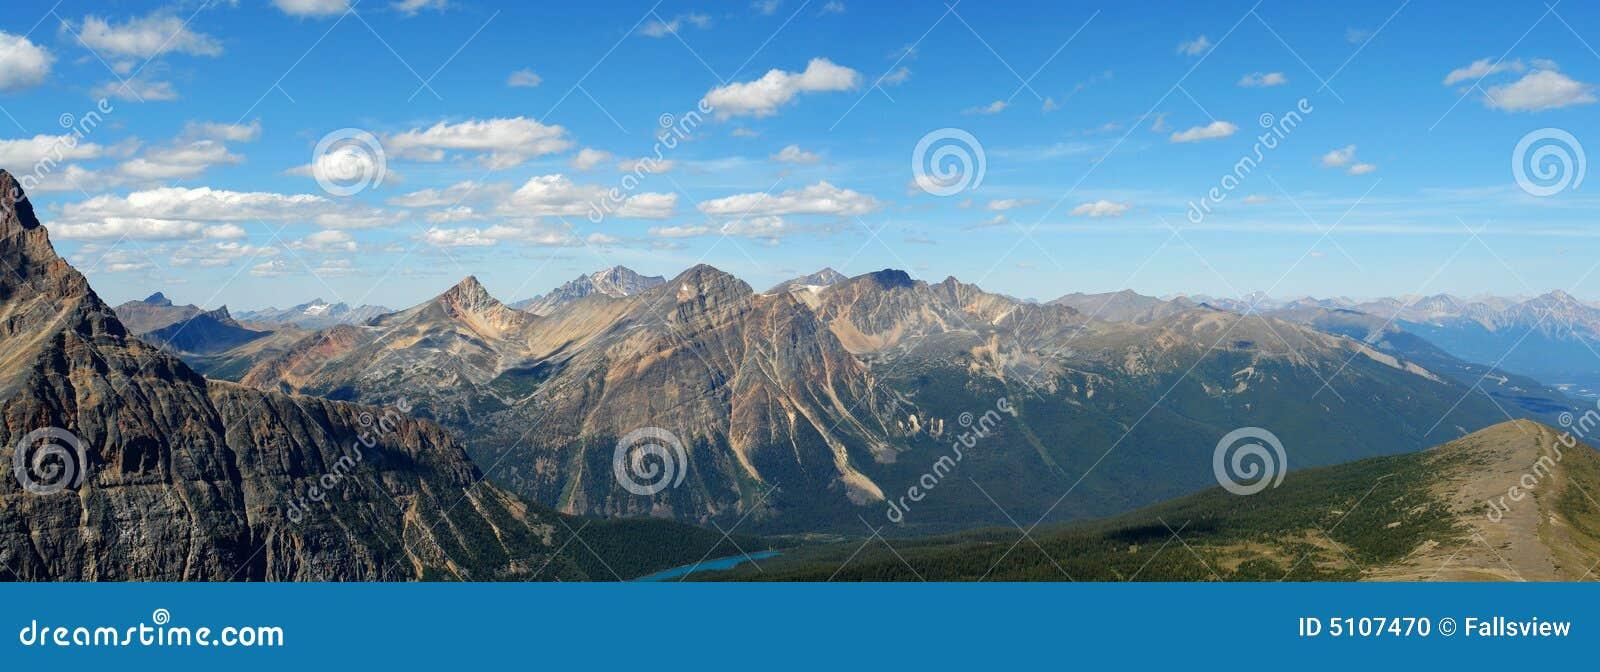 Panorama de montañas rocosas